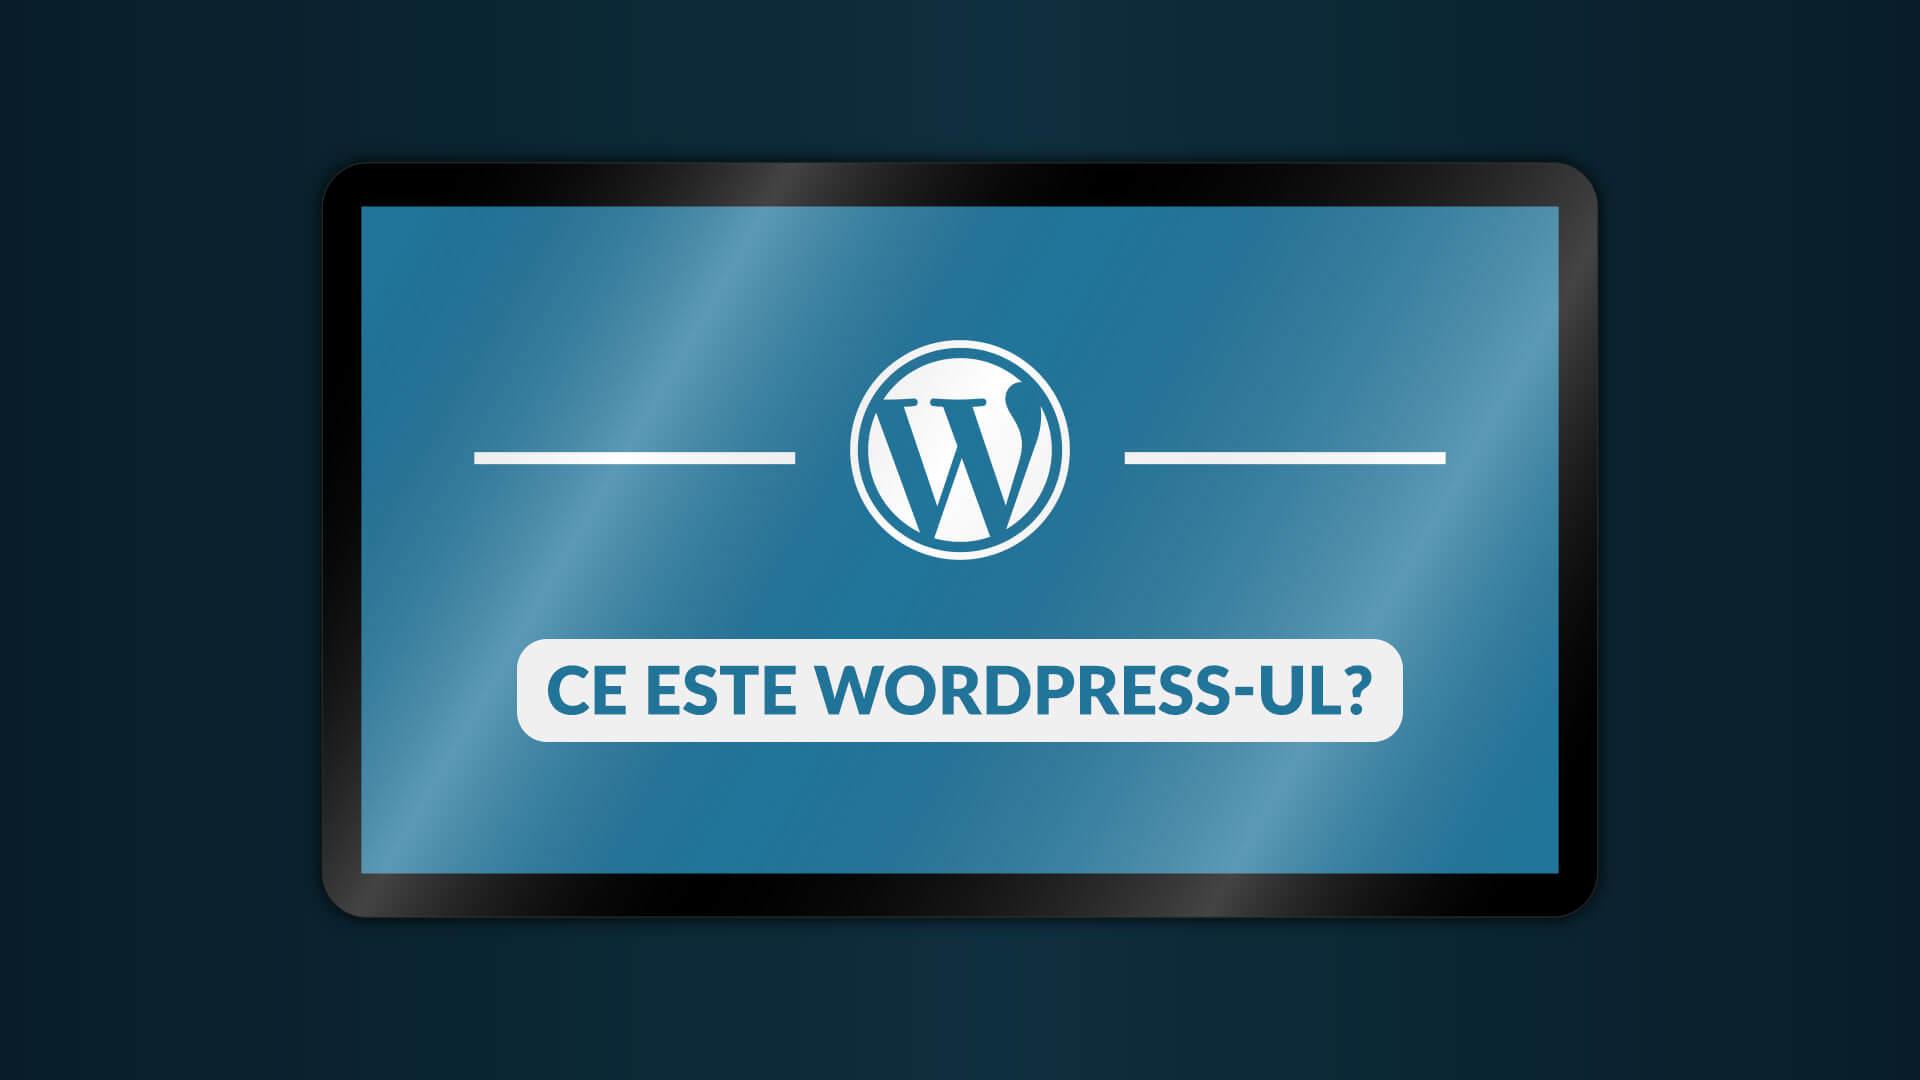 Ce este WordPress-ul?